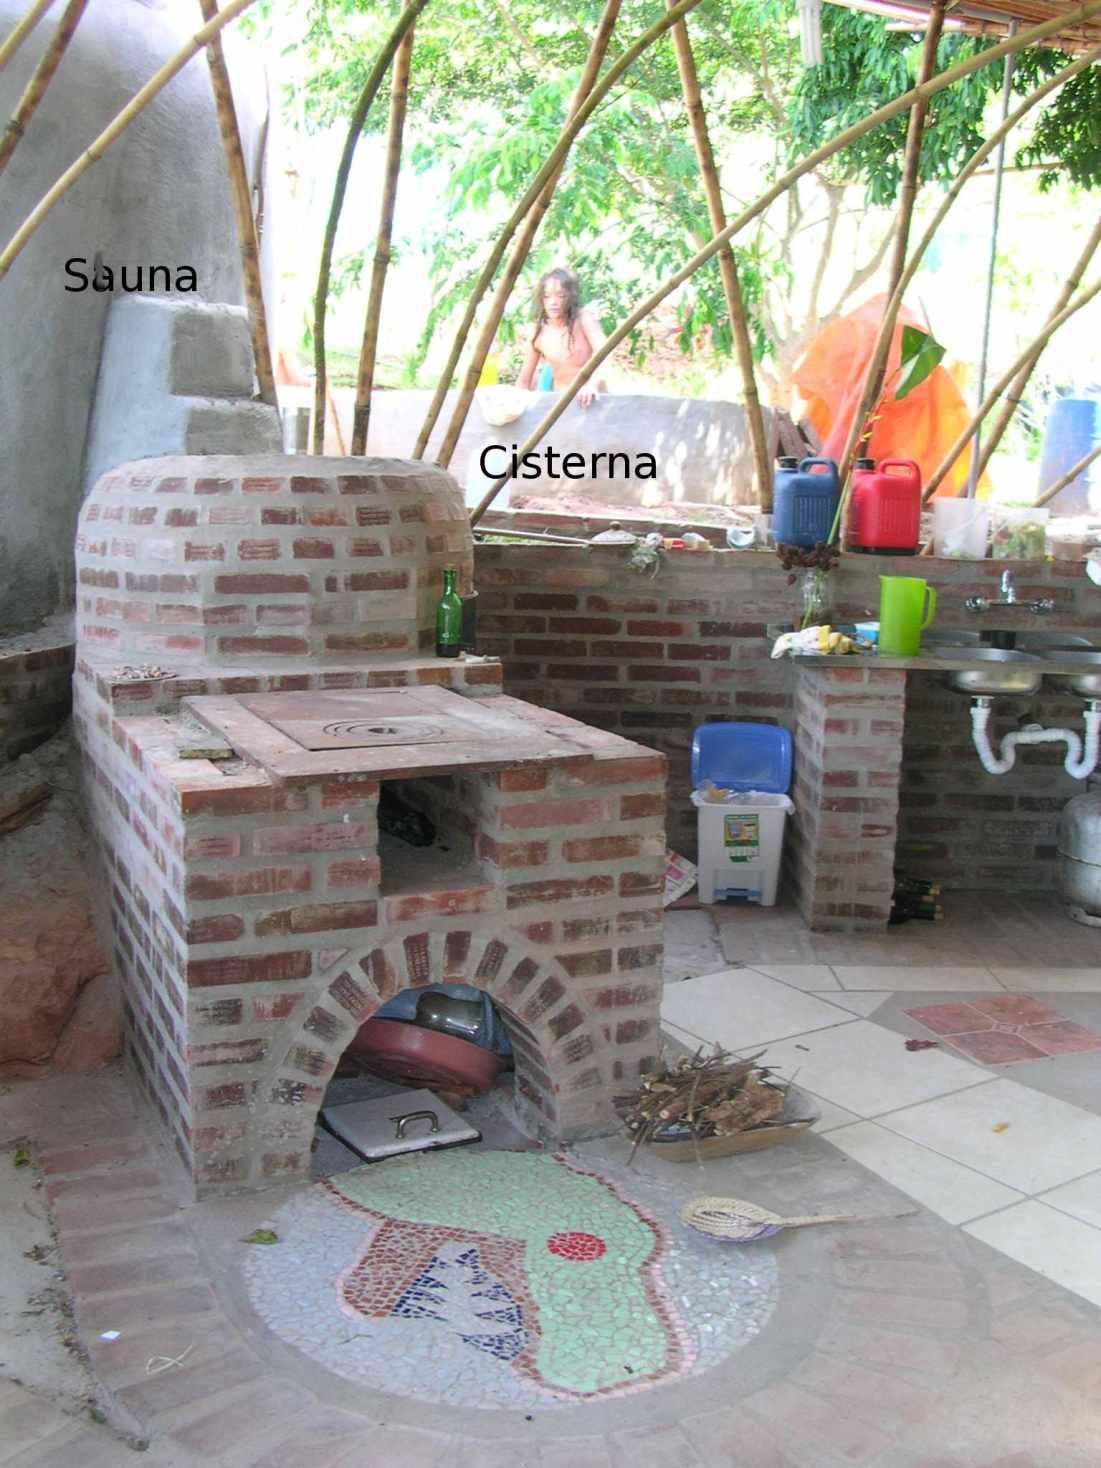 Forno, sauna,cisterna